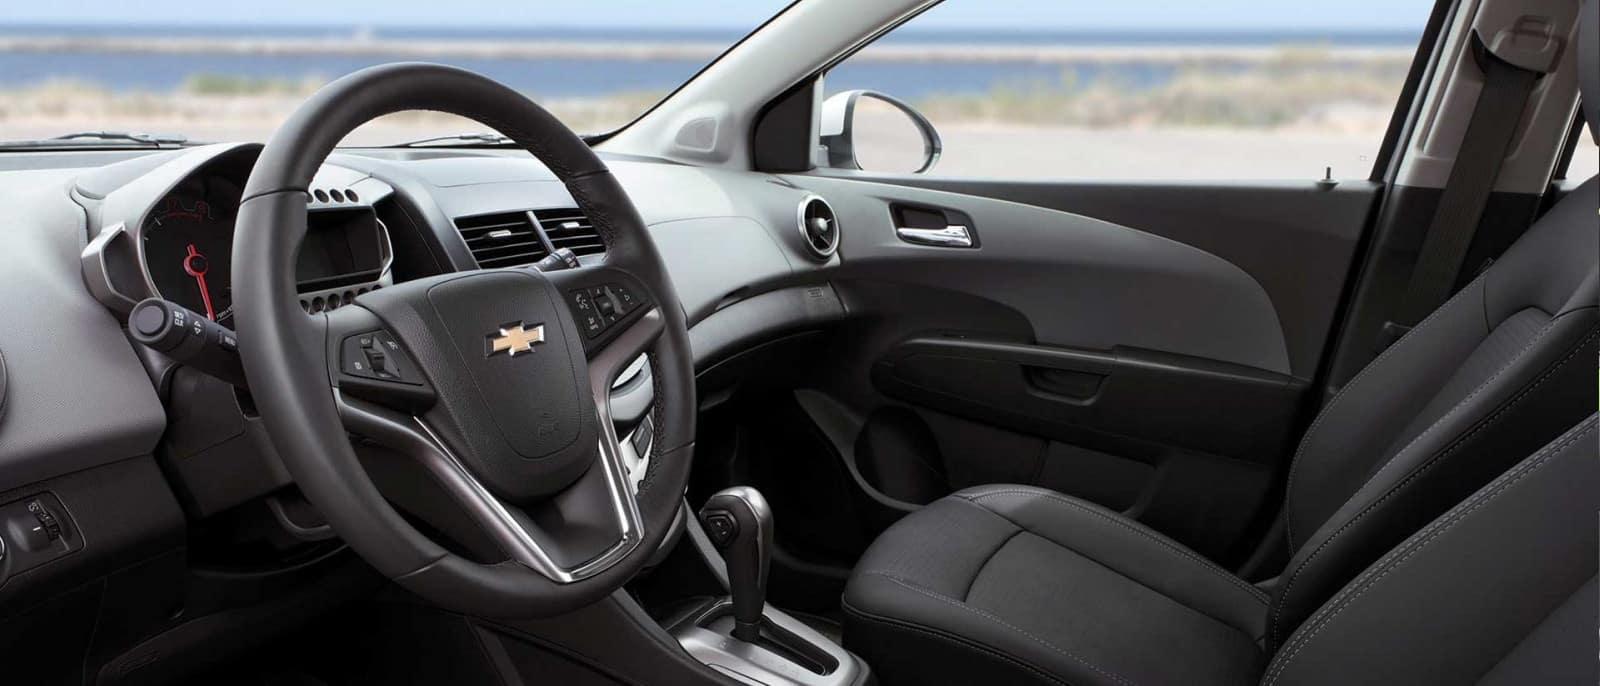 2014 Chevy Sonic Interior